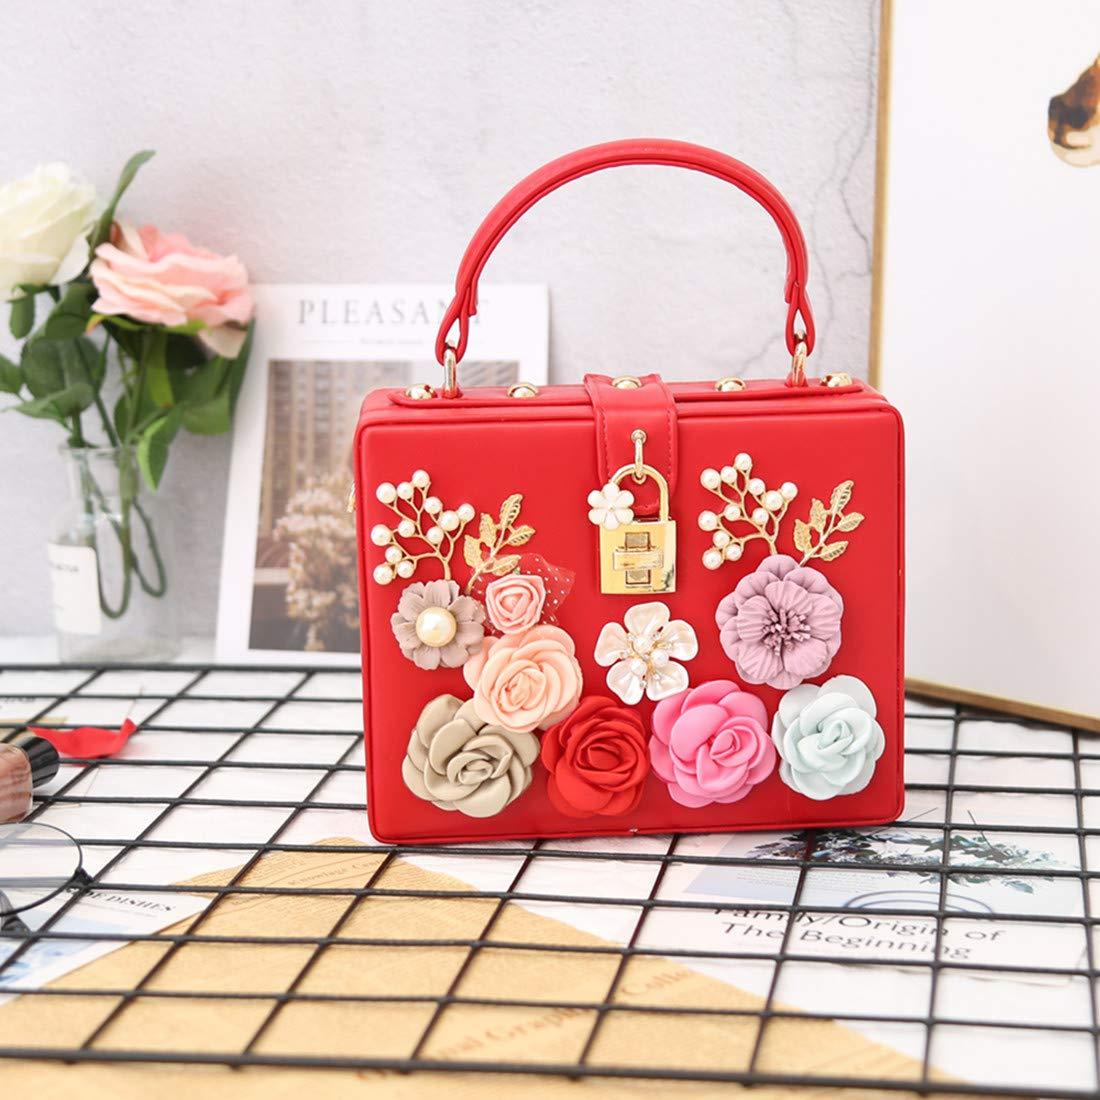 LETODE kvinnor blomma clutches kvällsväskor för bröllopsfest handväska handväska 8364-red